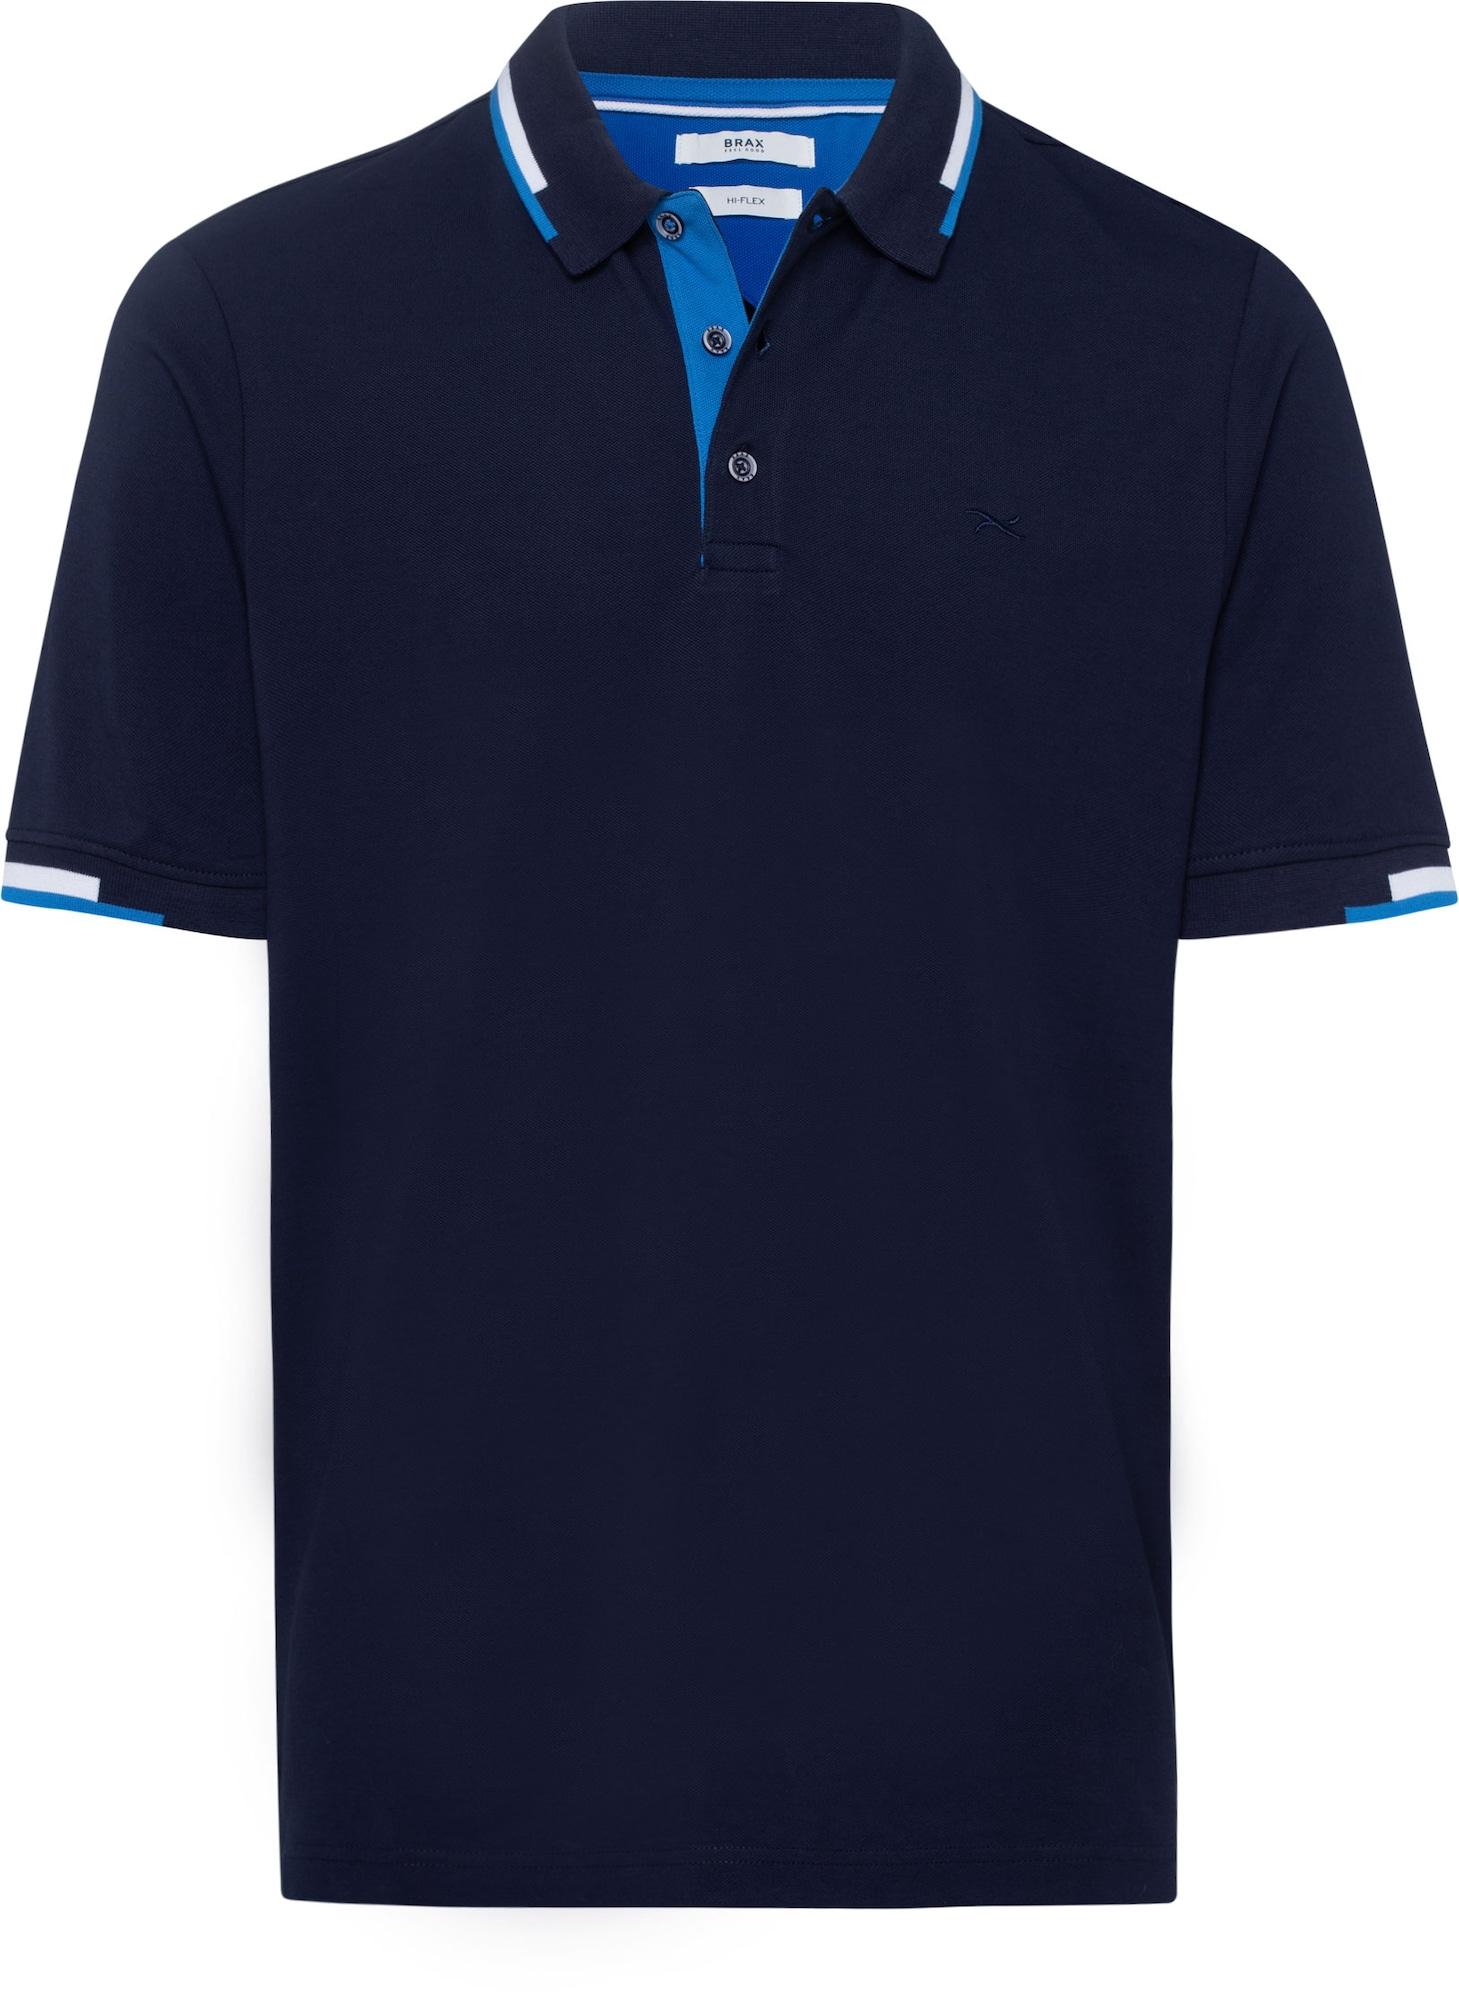 BRAX Marškinėliai 'Pedro' mėlyna